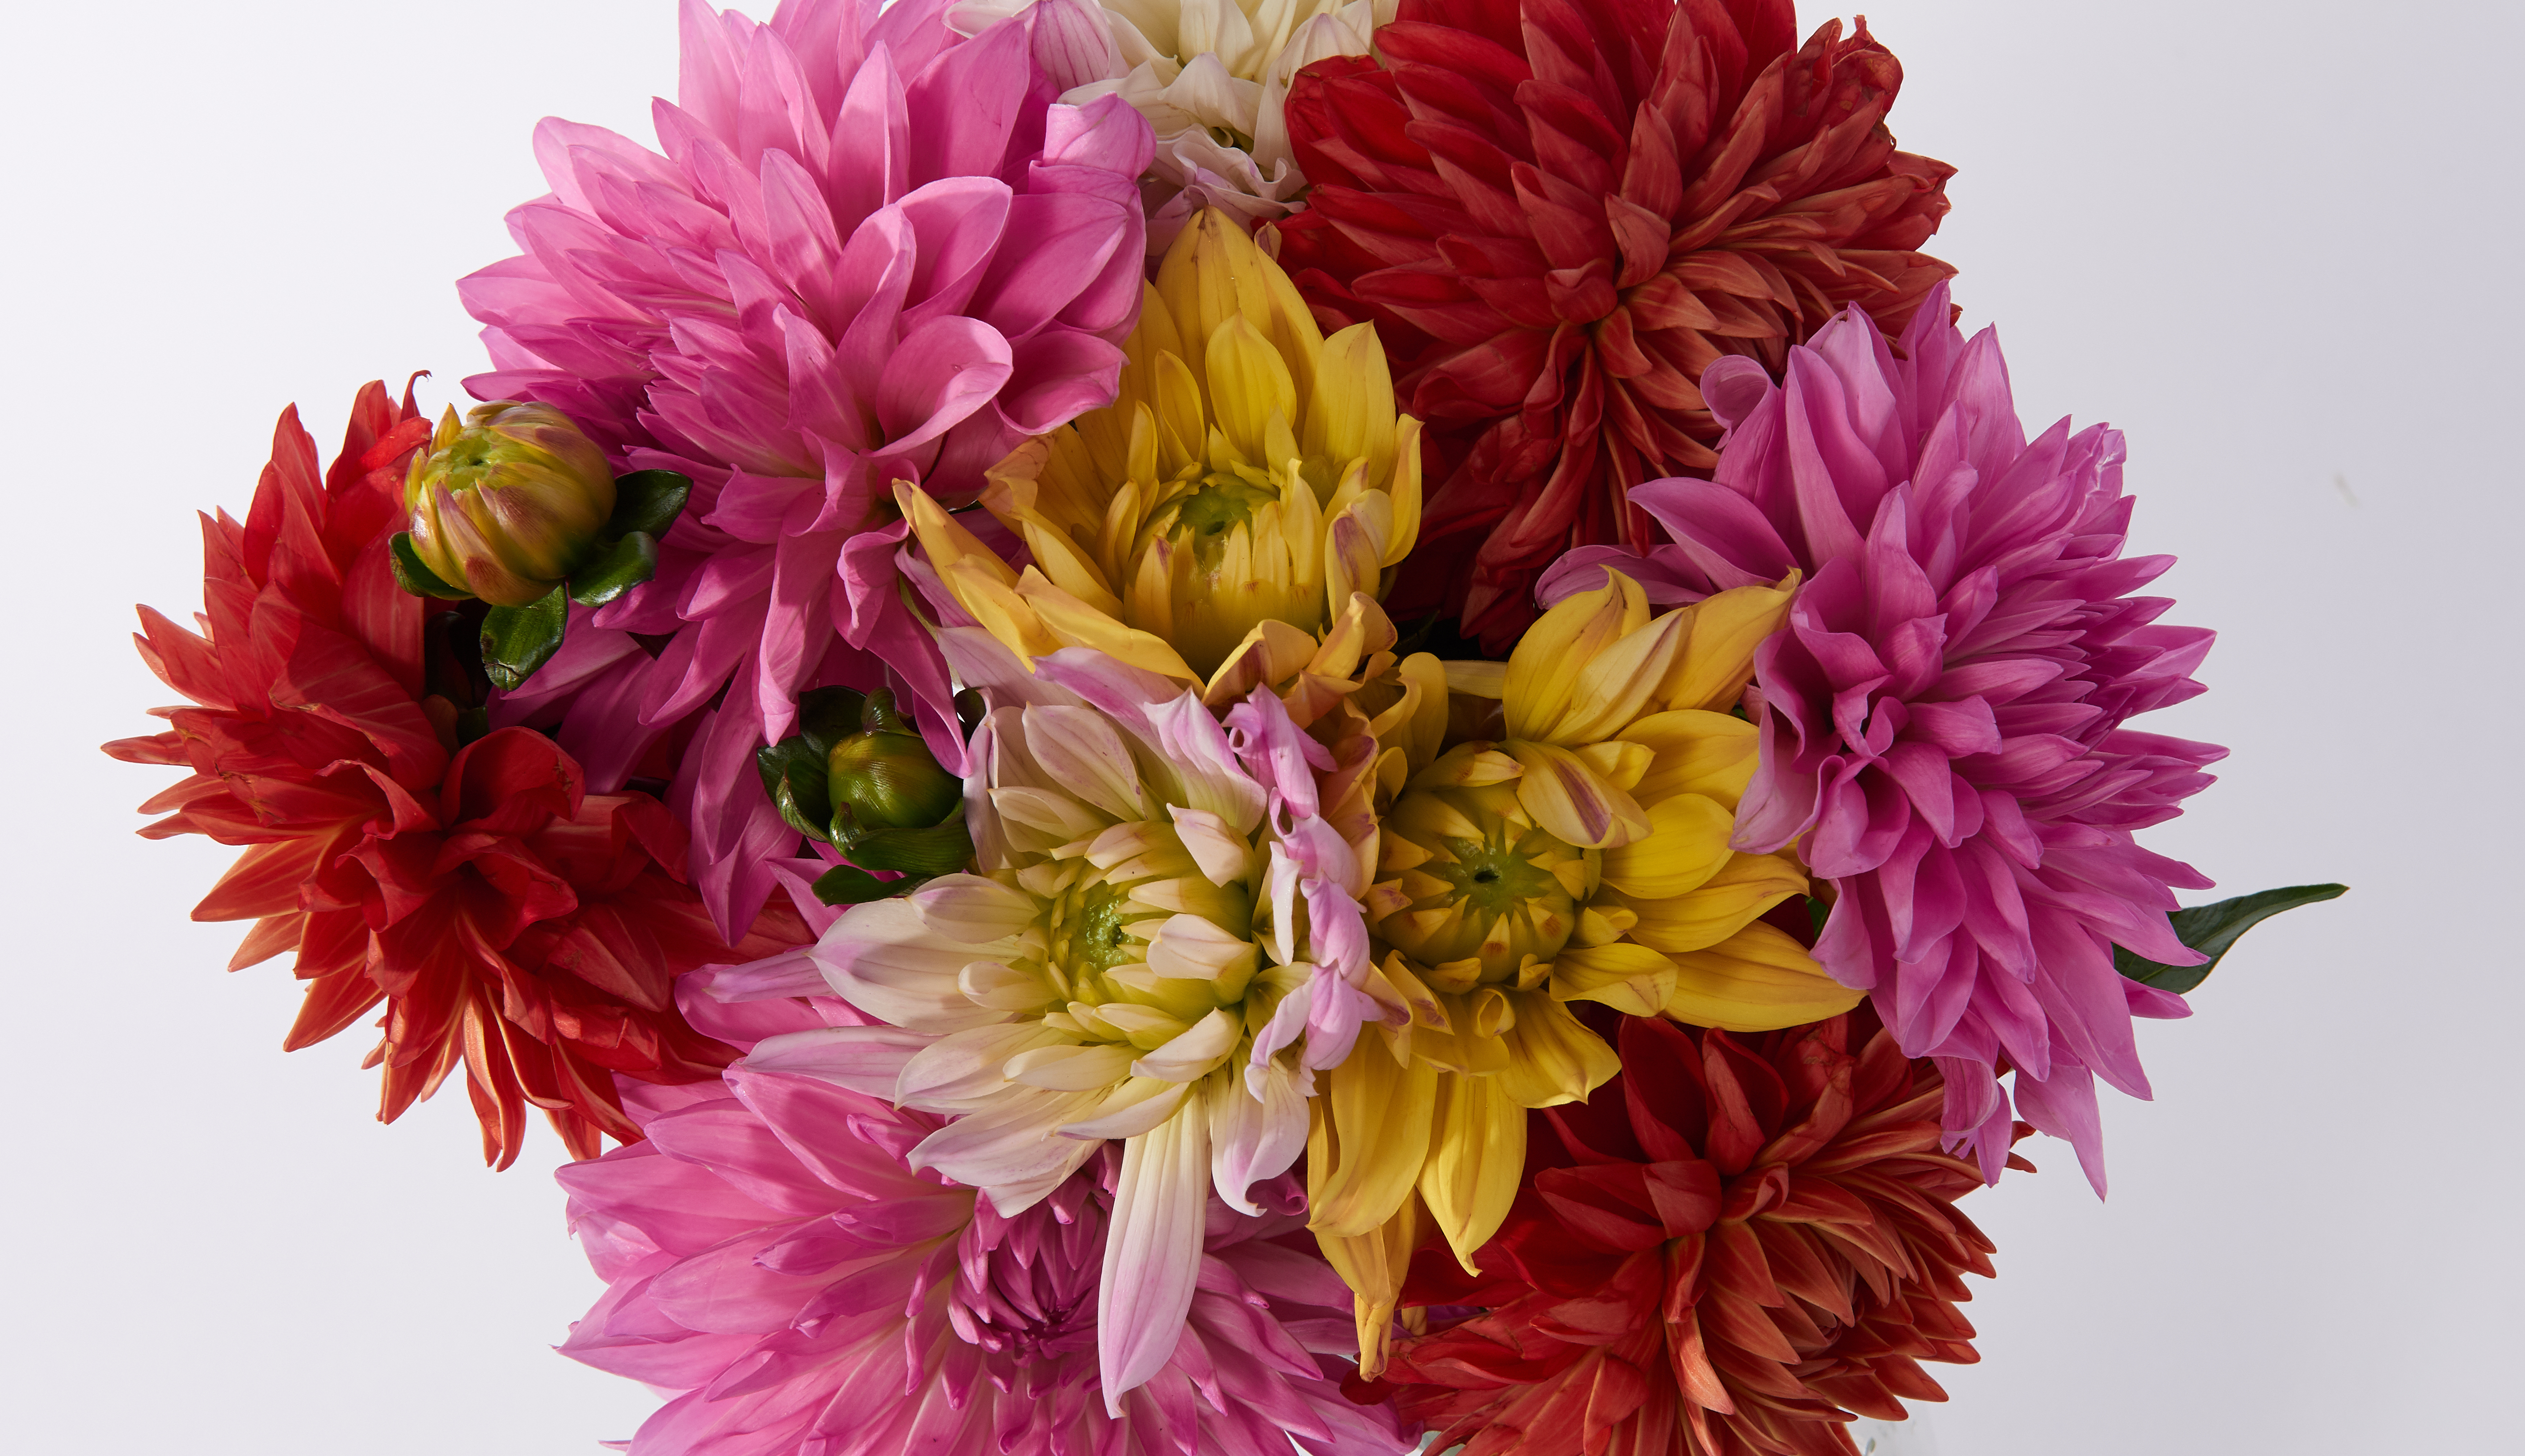 Close up of a dahlia bouquet with multicolored dahlias